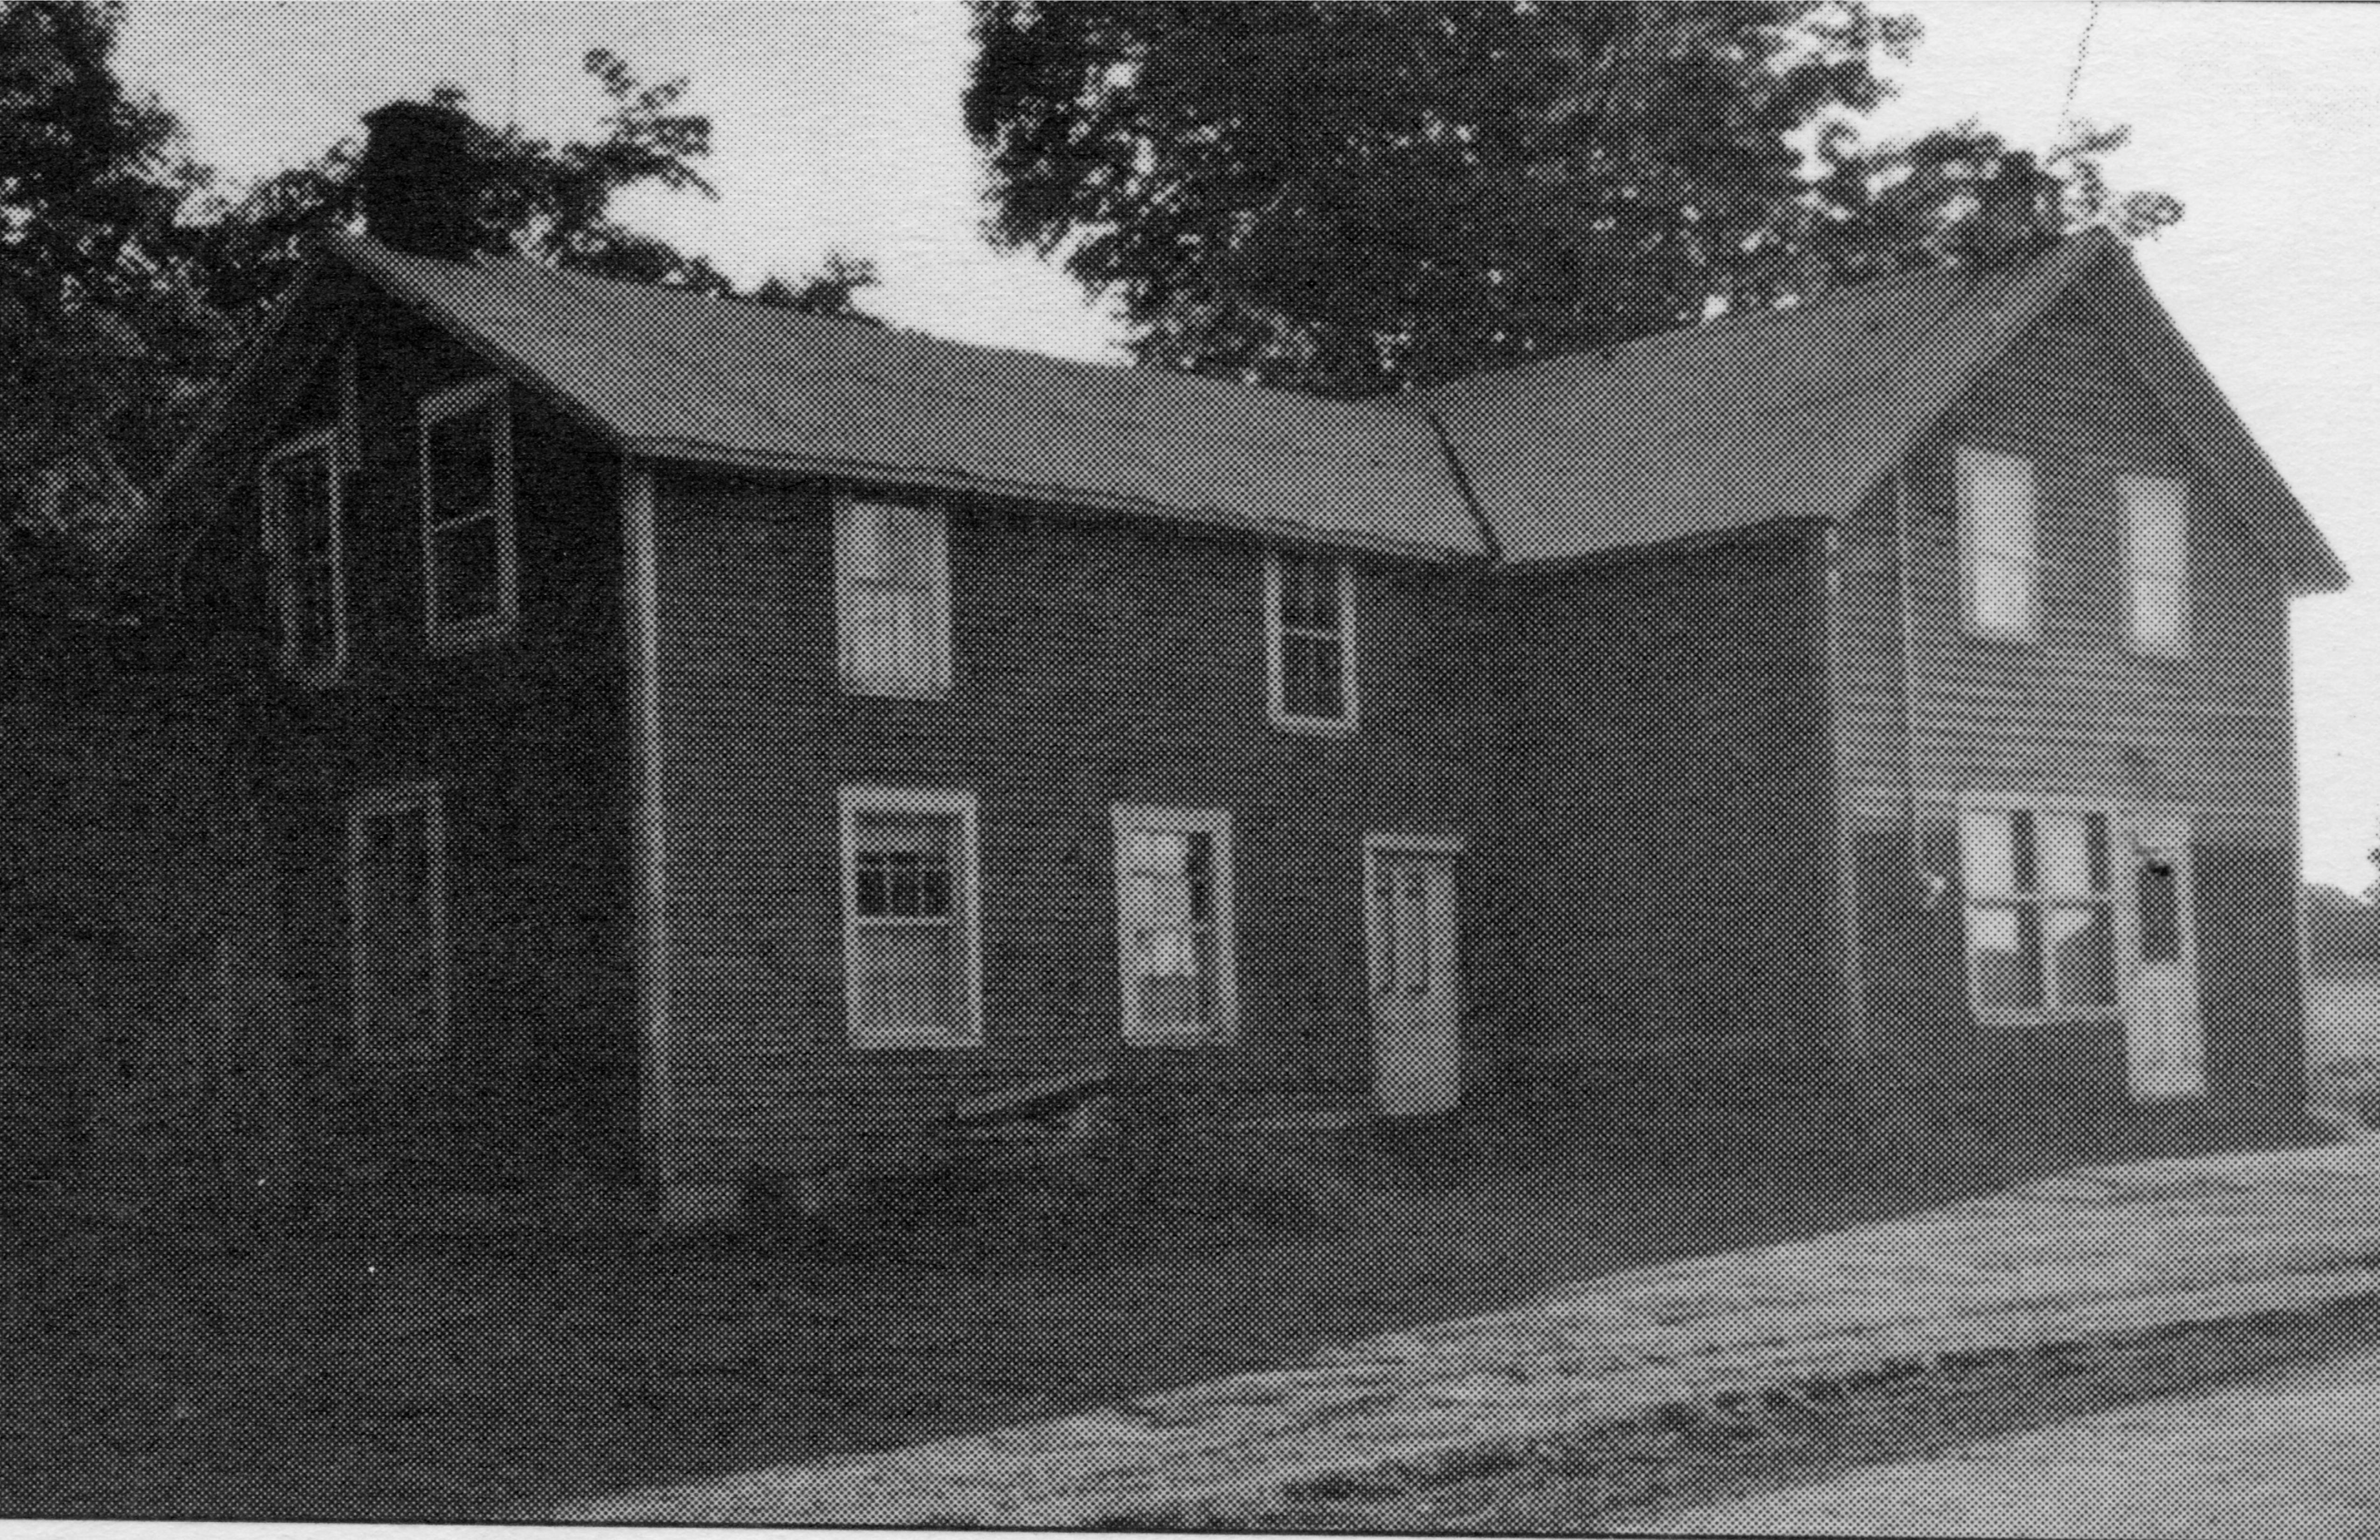 Kinnear's Mills